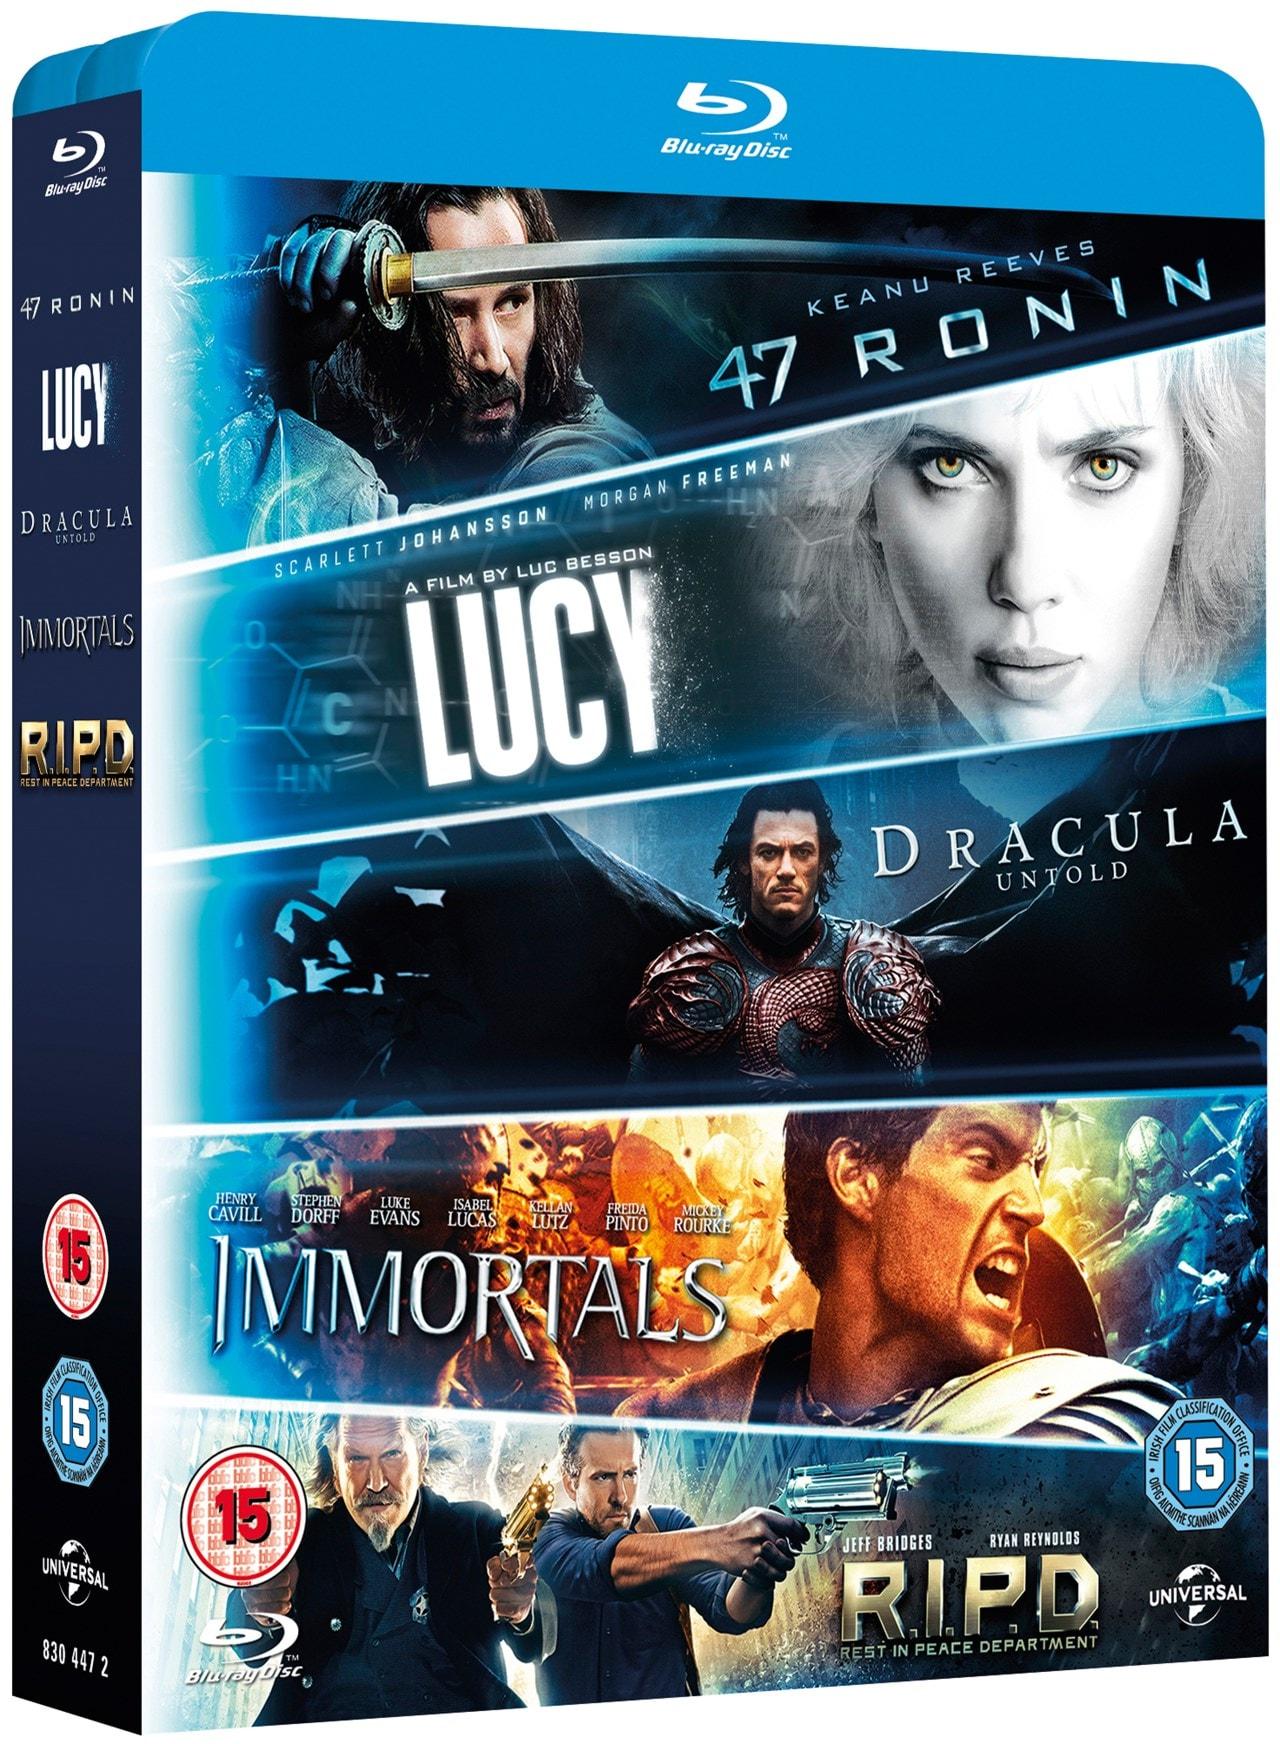 47 Ronin/R.I.P.D./Immortals/Dracula Untold/Lucy - 2